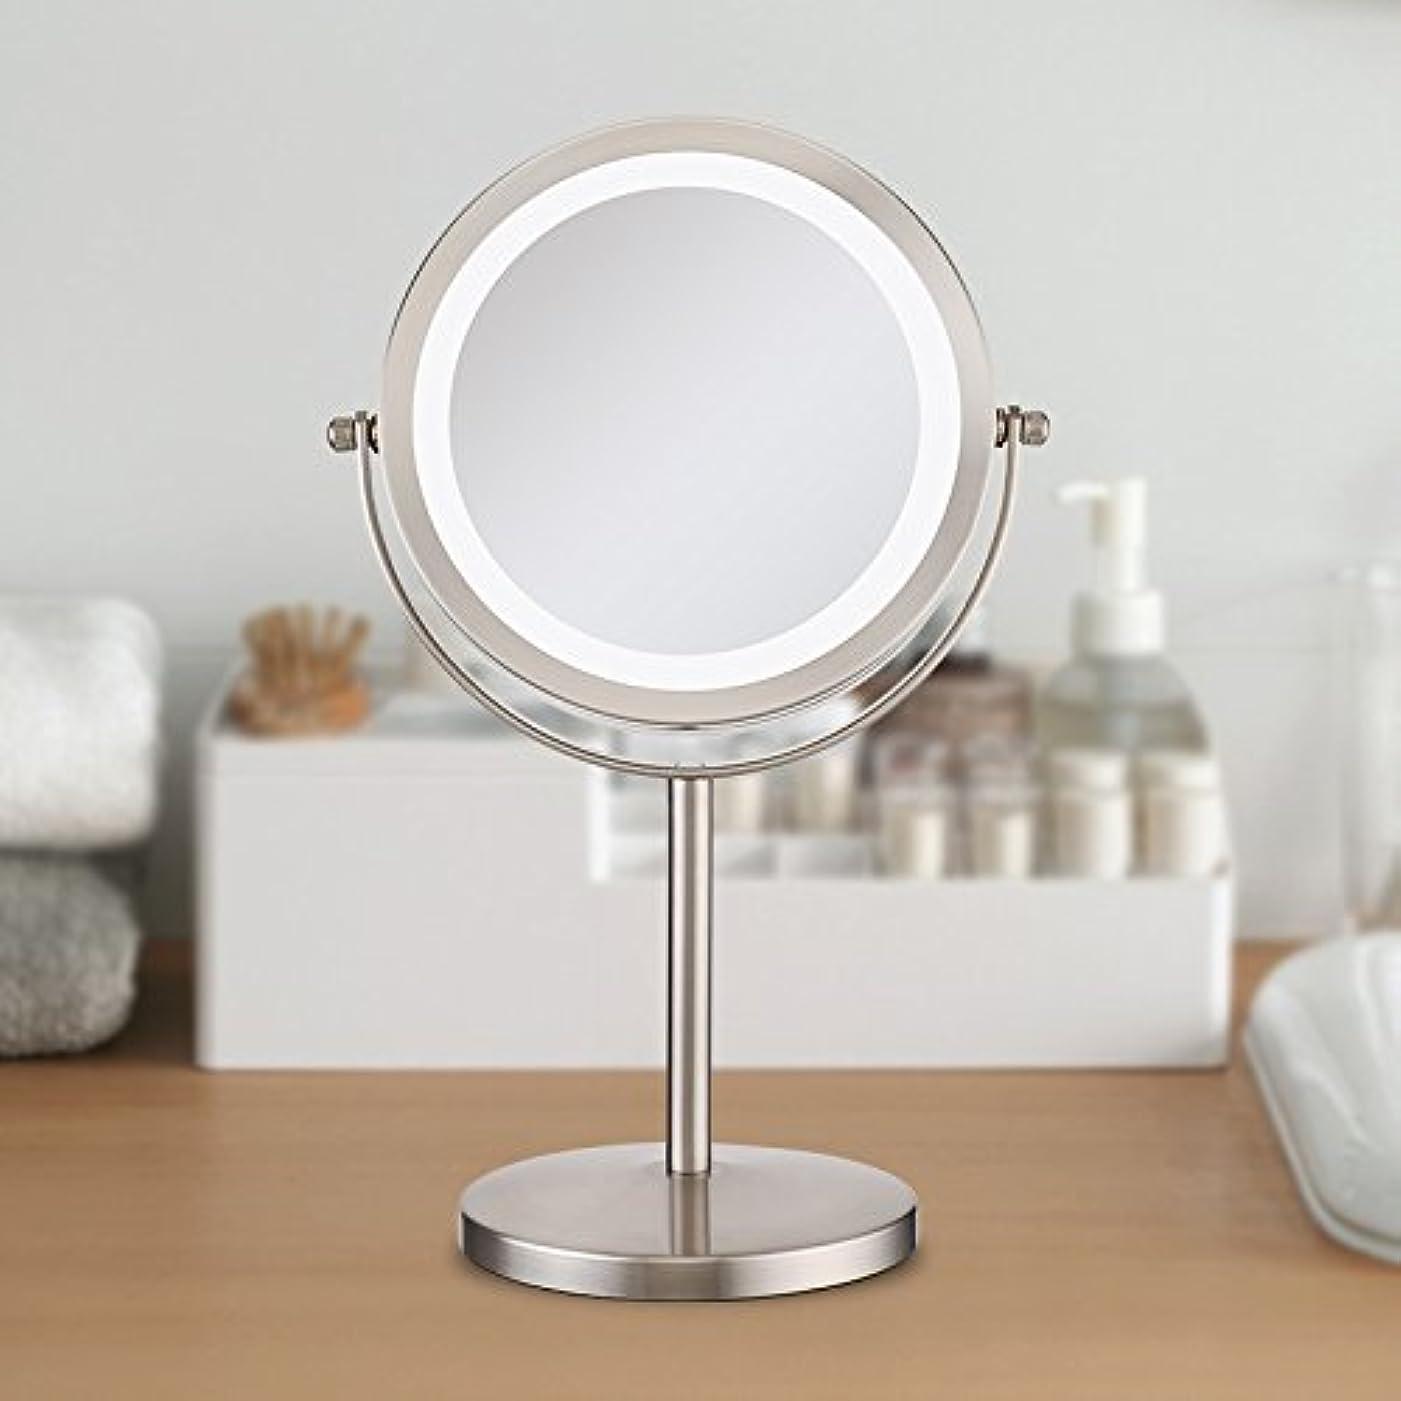 ポジション整然とした束ねる(セーディコ)Cerdeco 真実の北欧風卓上鏡DX LEDライト付き 10倍拡大率 両面化粧鏡 真実の鏡DX スタンドミラー 鏡面φ178mm D710N